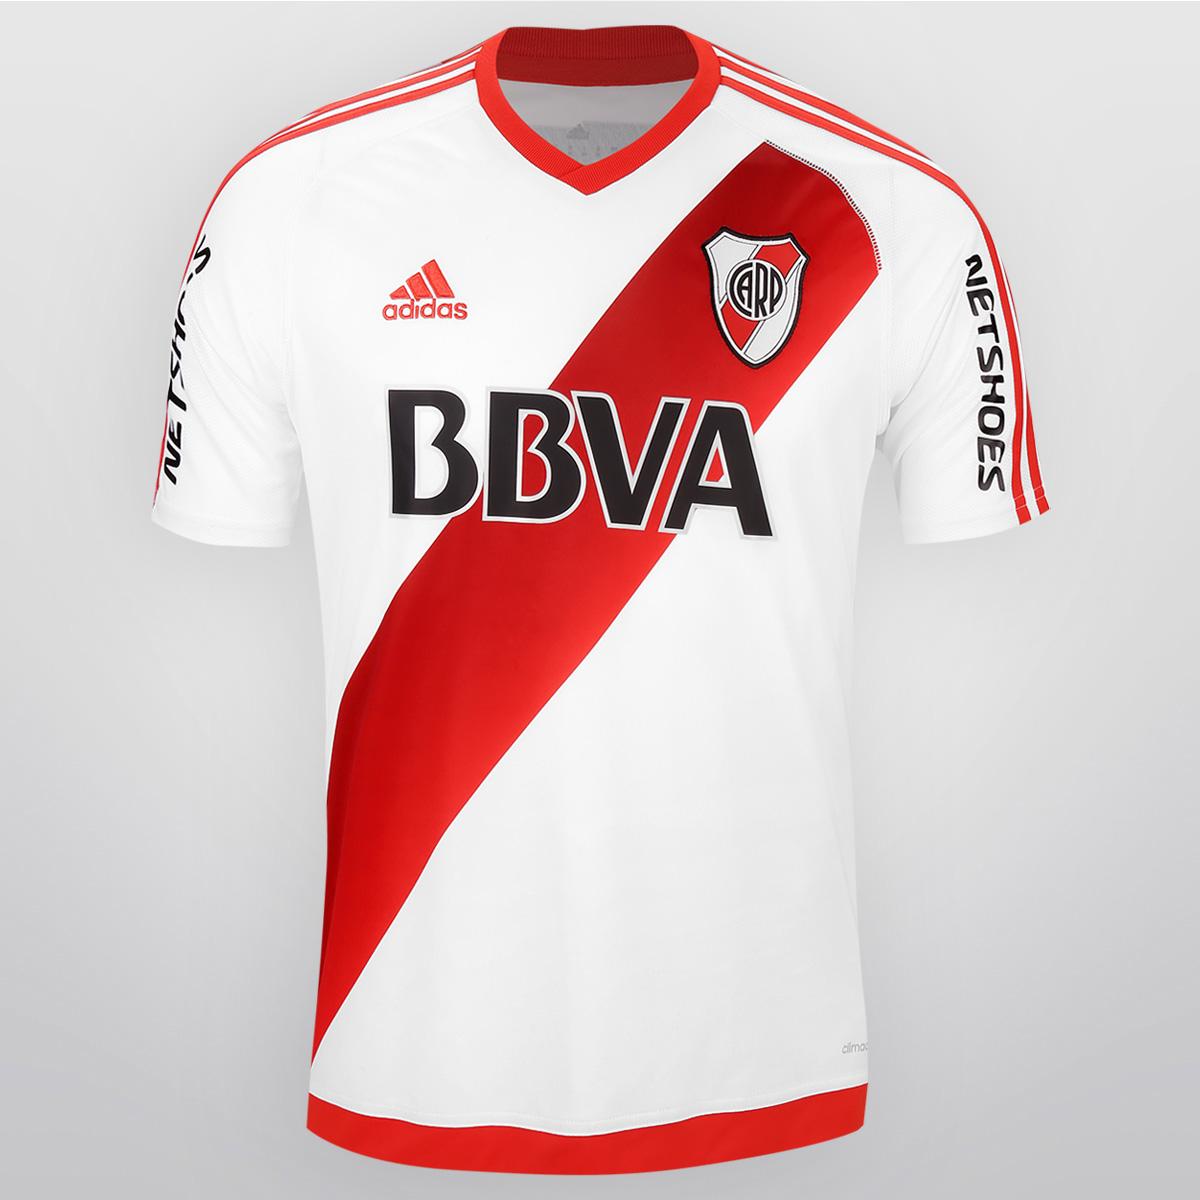 Fußball-Sale bei MandM Direct - z.B. River Plate Heimtrikot 16/17 für 18€ statt 45€